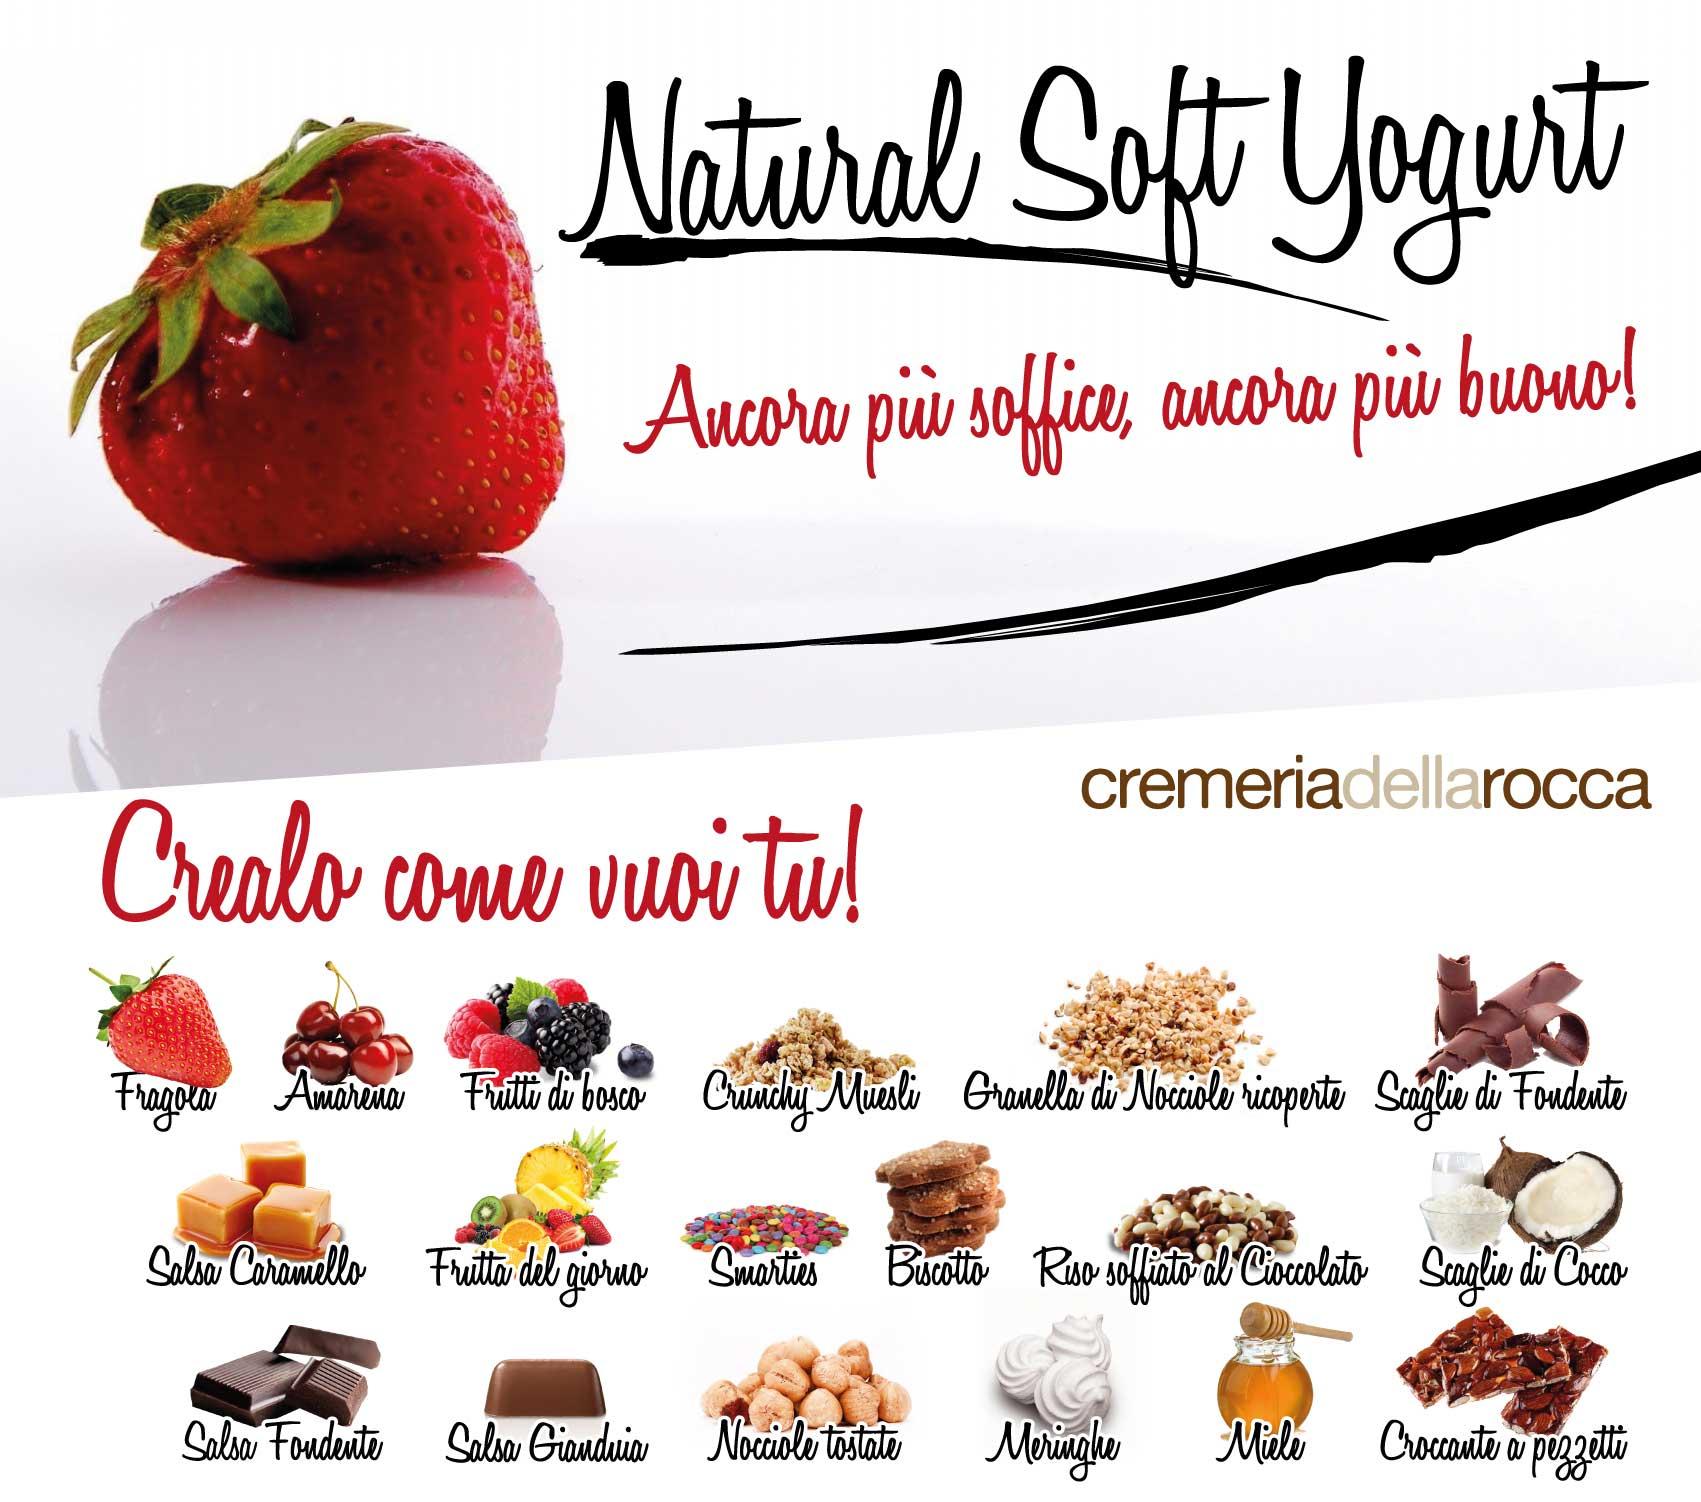 YogurtSoft_grafica-per-sito-web-con-farciture